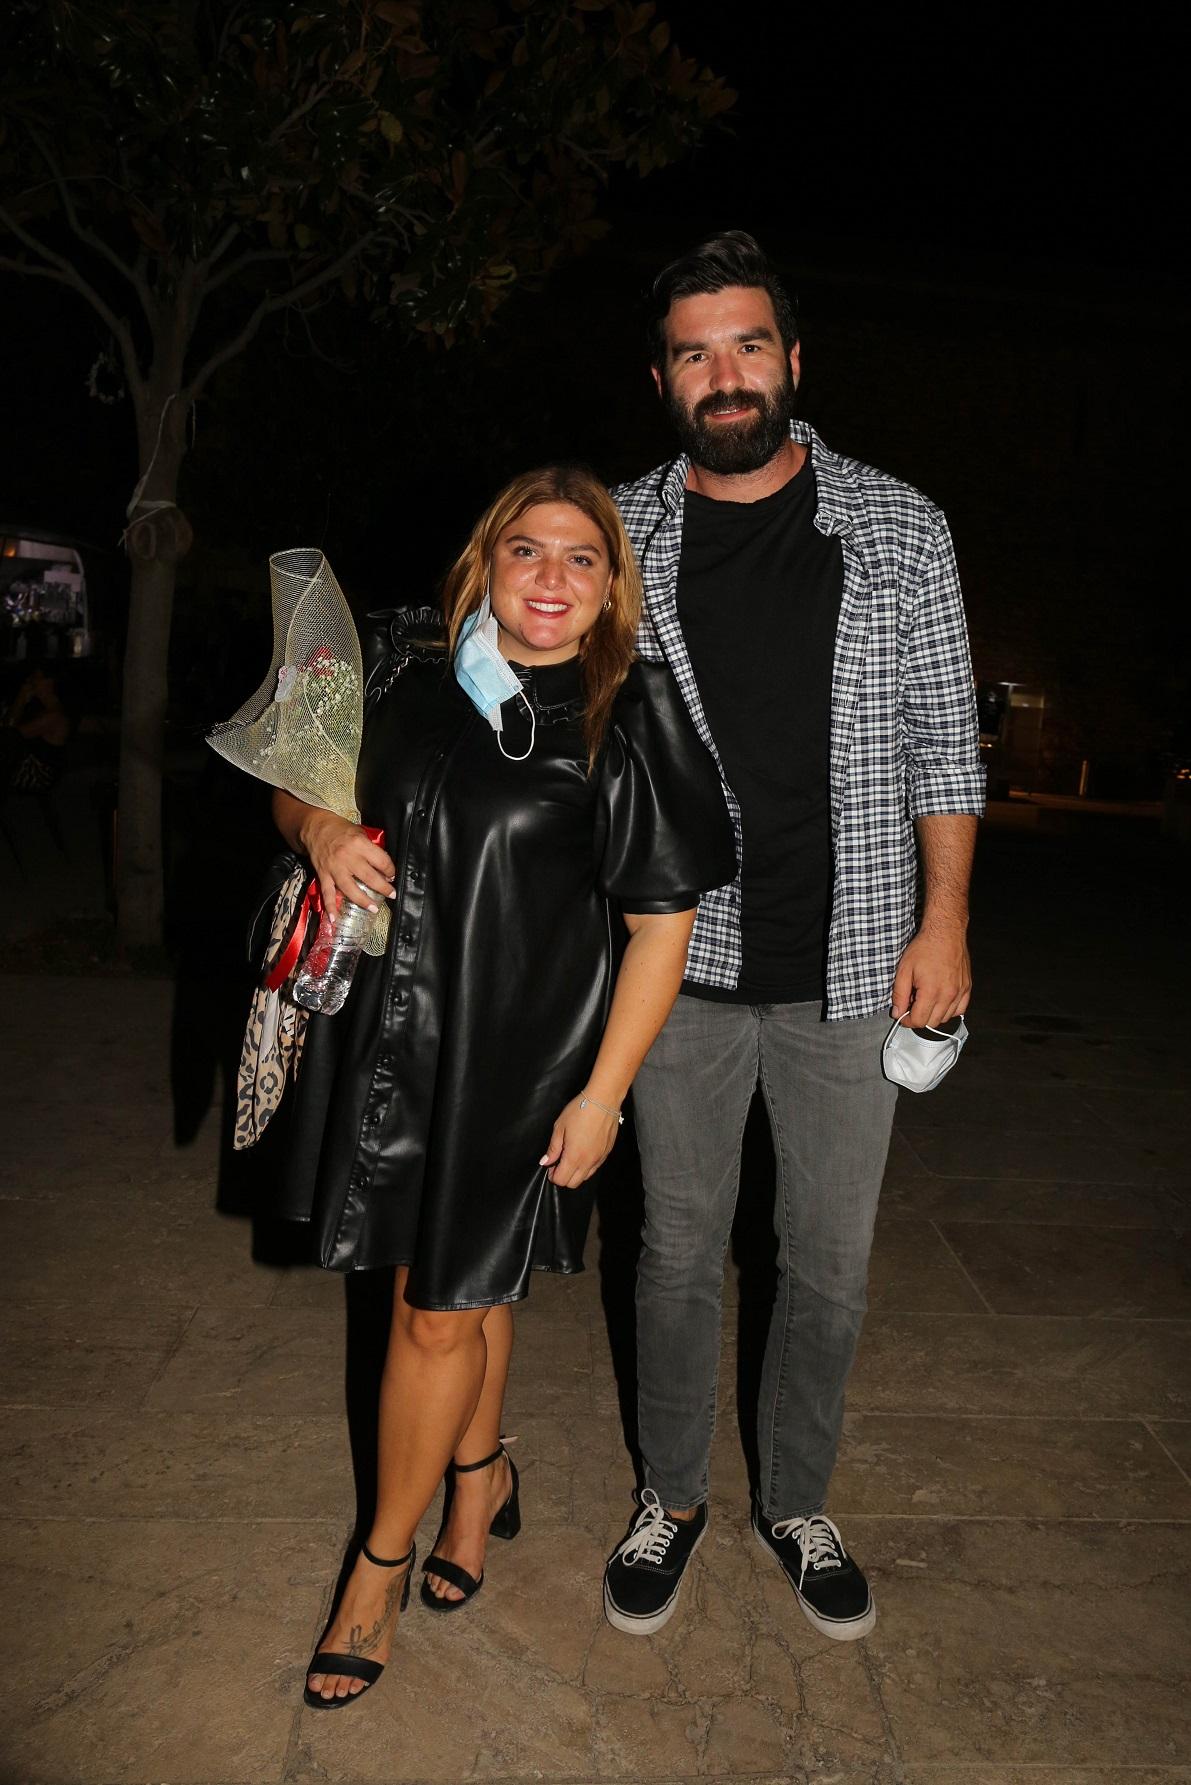 Δανάη Μπάρκα: Η βραδινή έξοδος με τον σύντροφό της και το υπέροχο μαύρο φόρεμα της! (εικόνες)